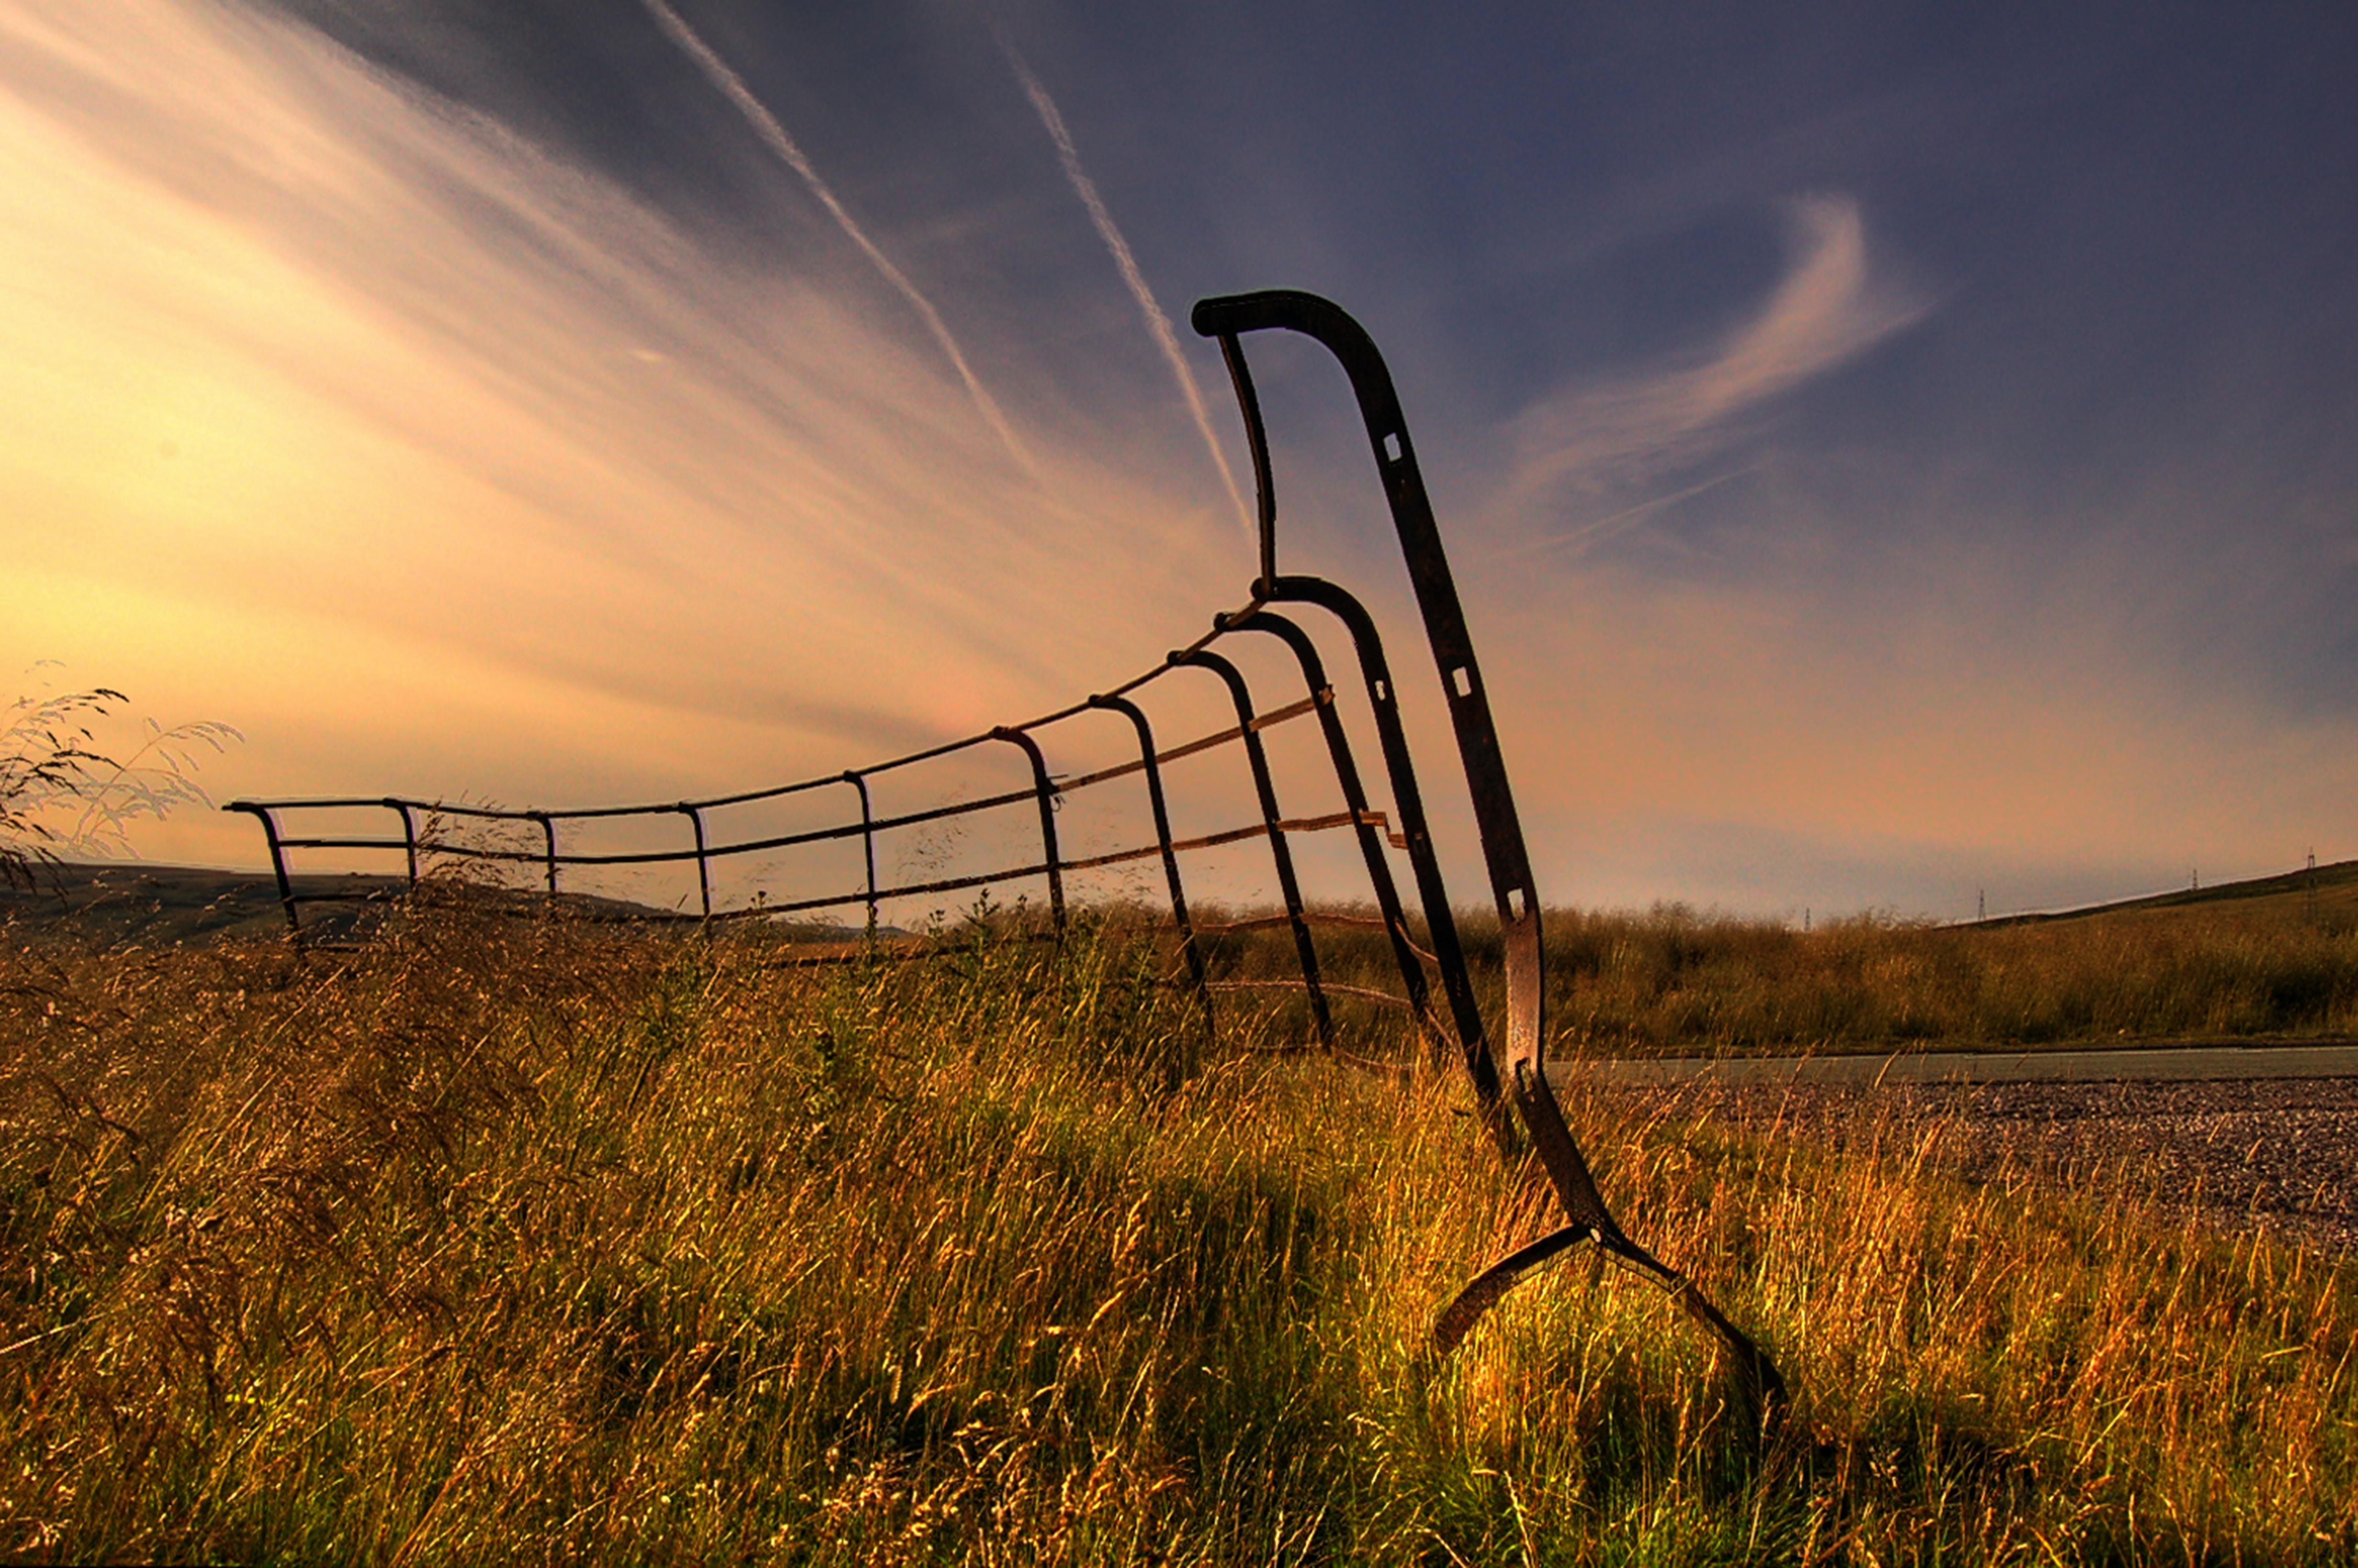 black steel fence on green grass field